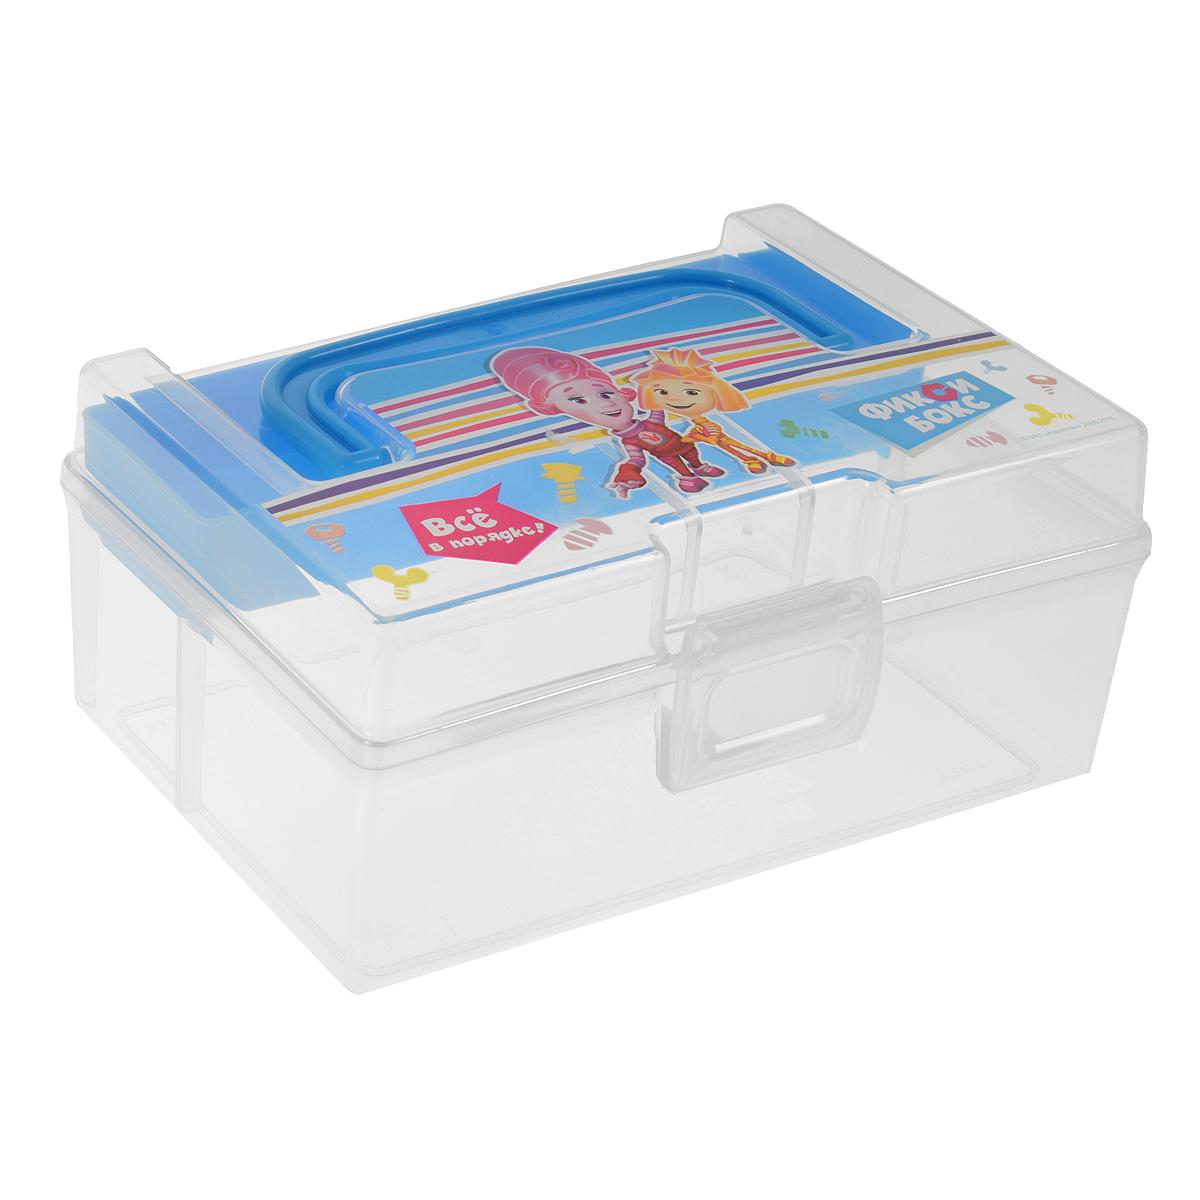 Контейнер для мелочей Фиксики, с вкладышем, цвет: прозрачный, голубой, 800 млС30922Контейнер Фиксики выполнен из высококачественного прозрачного пластика. Для удобства переноски сверху имеется ручка. Контейнер декорирован изображением героев одноименного мультика Фиксики. Внутрь вставляется вкладыш с одним отделением. Контейнер плотно закрывается крышкой с защелкой. Контейнер Фиксики очень вместителен и поможет вам хранить все необходимые мелочи в одном месте. Размер контейнера: 16,5 см х 10 см х 7,5 см. Размер вкладыша: 16 см х 4 см х 2 см.